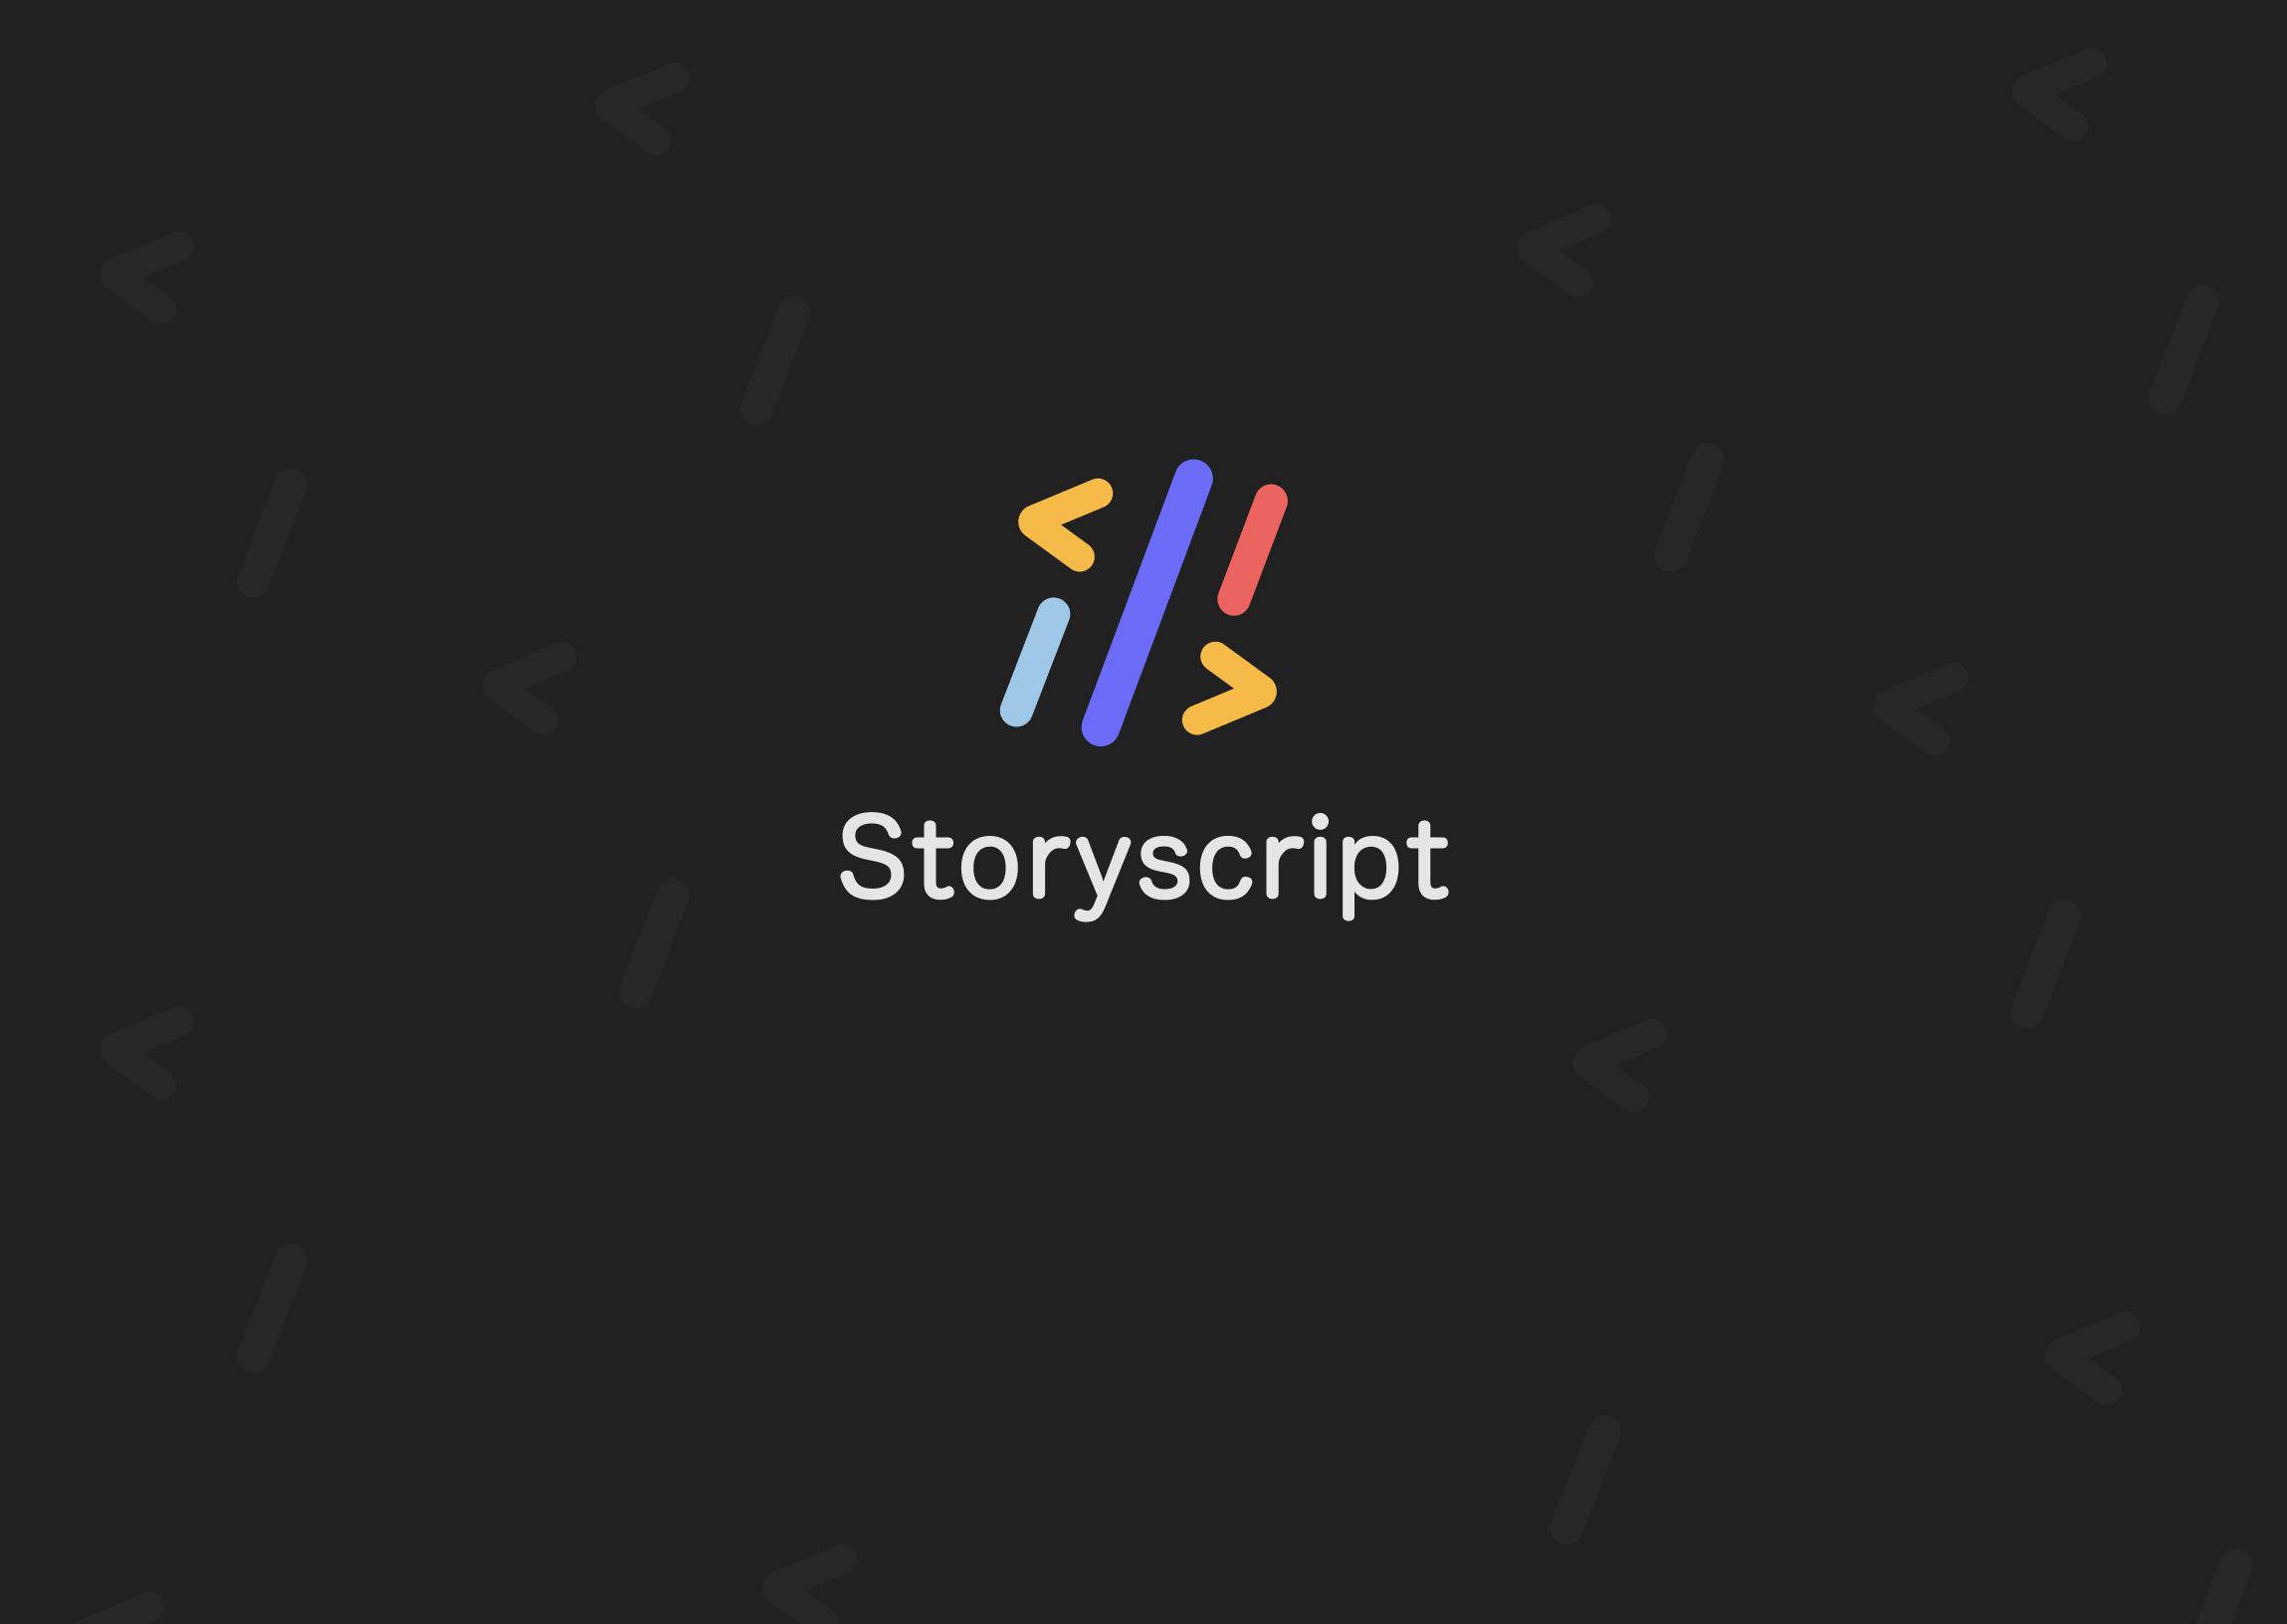 Storyscript/Storyscript